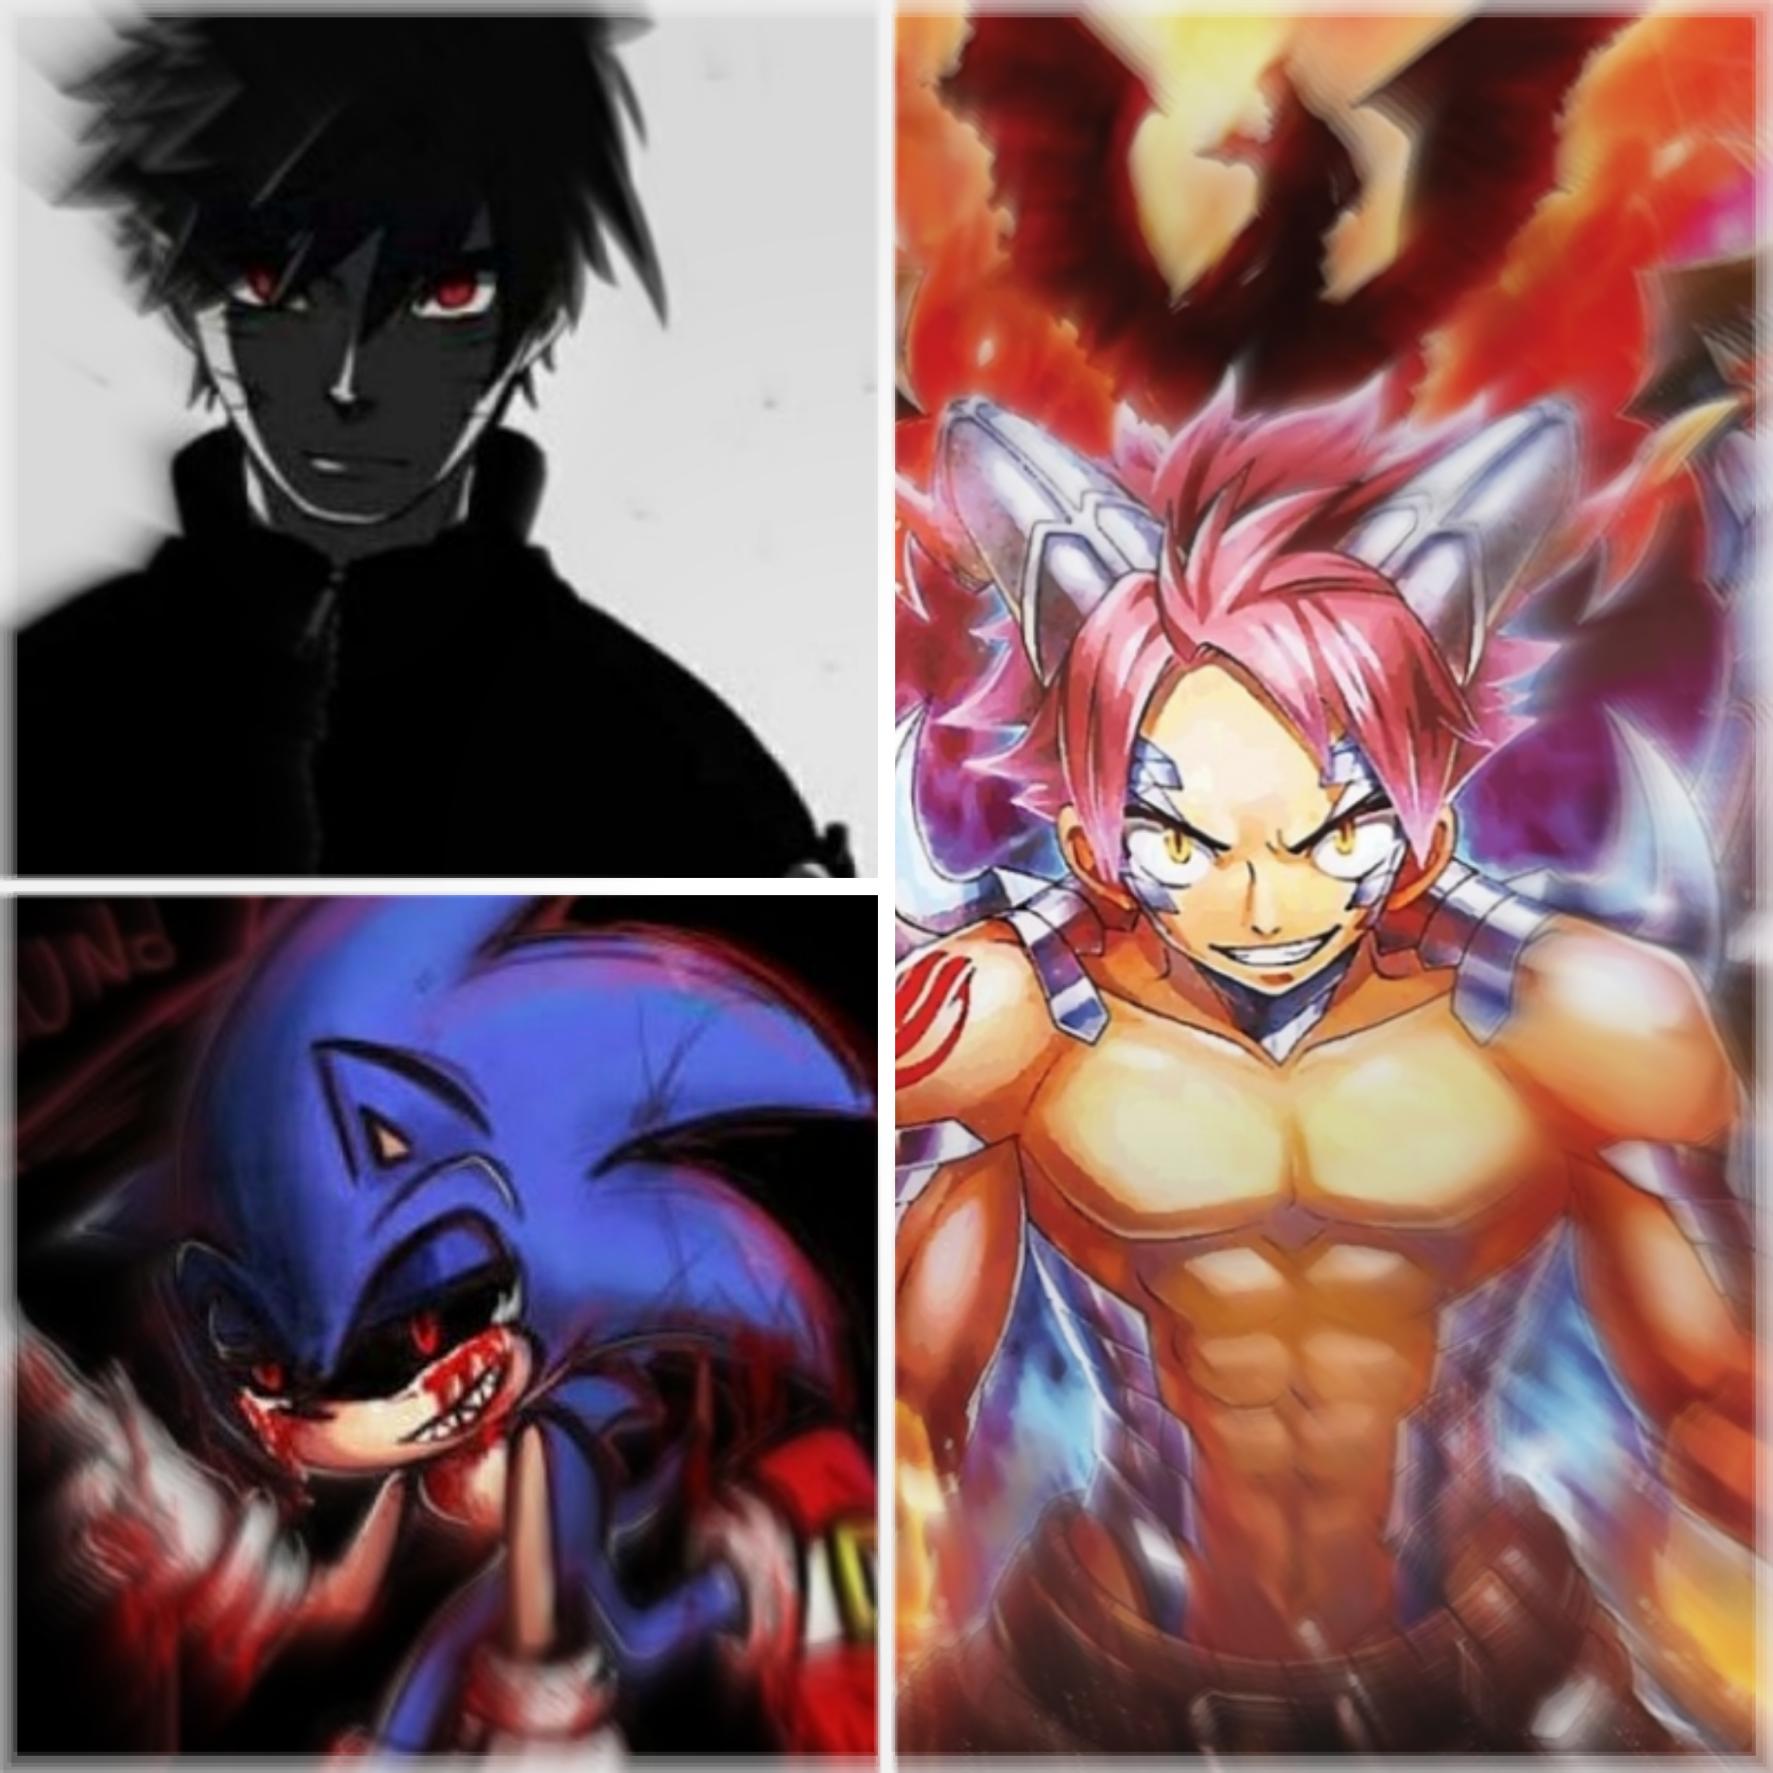 Creepypasta vs anime los buenos siempre ganan